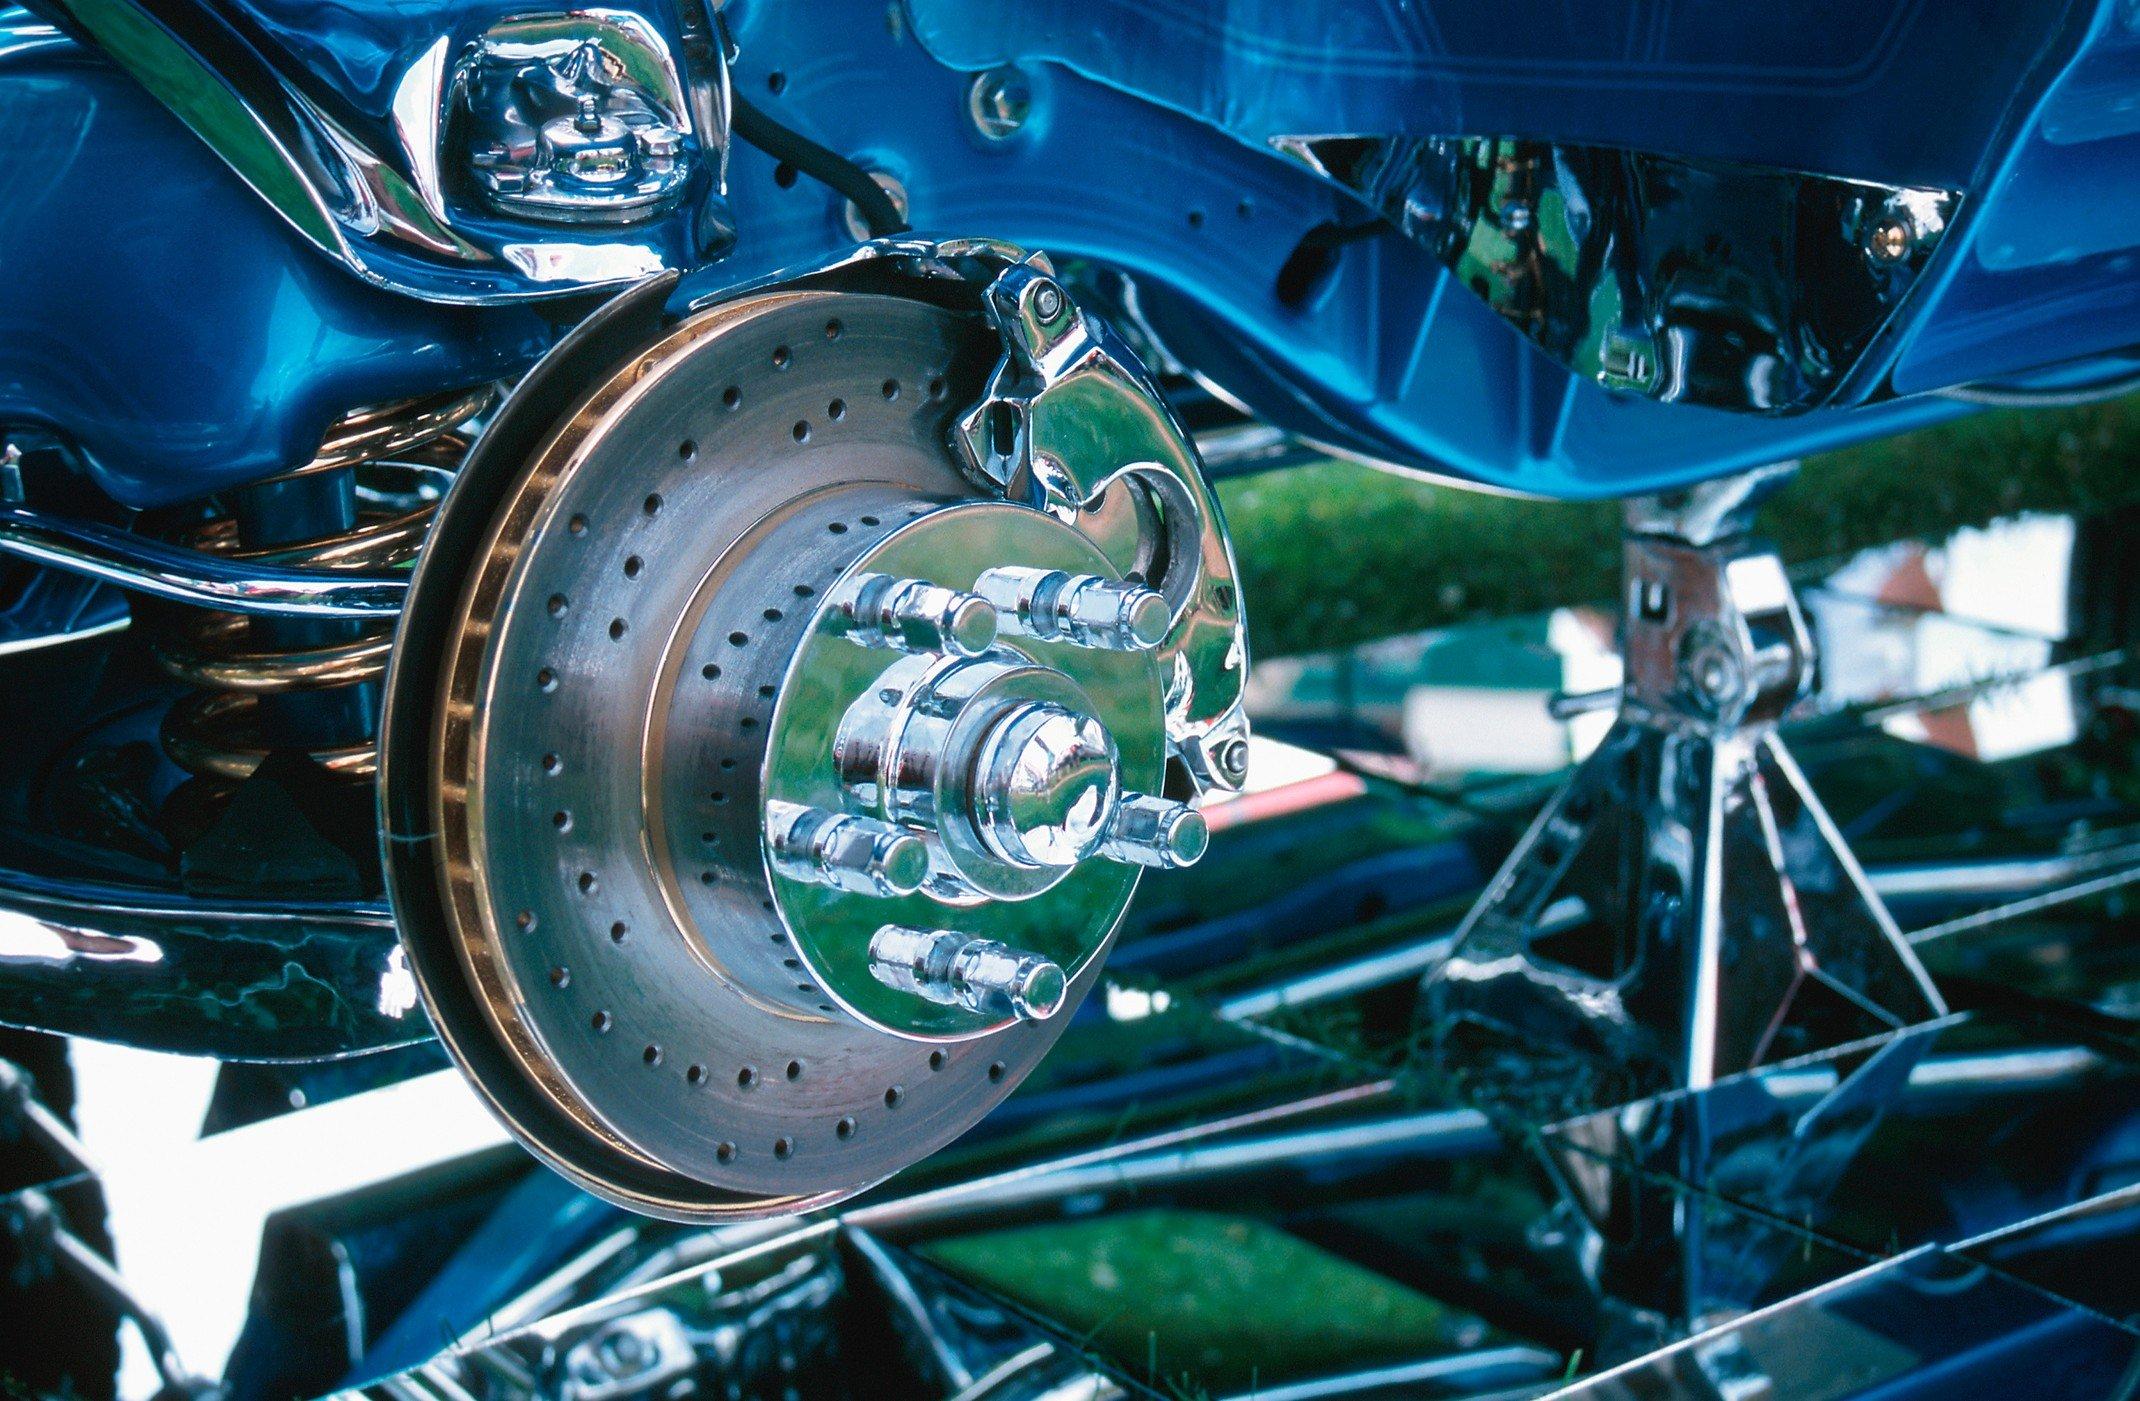 brakes, pads, rotors, car, truck, arkansas